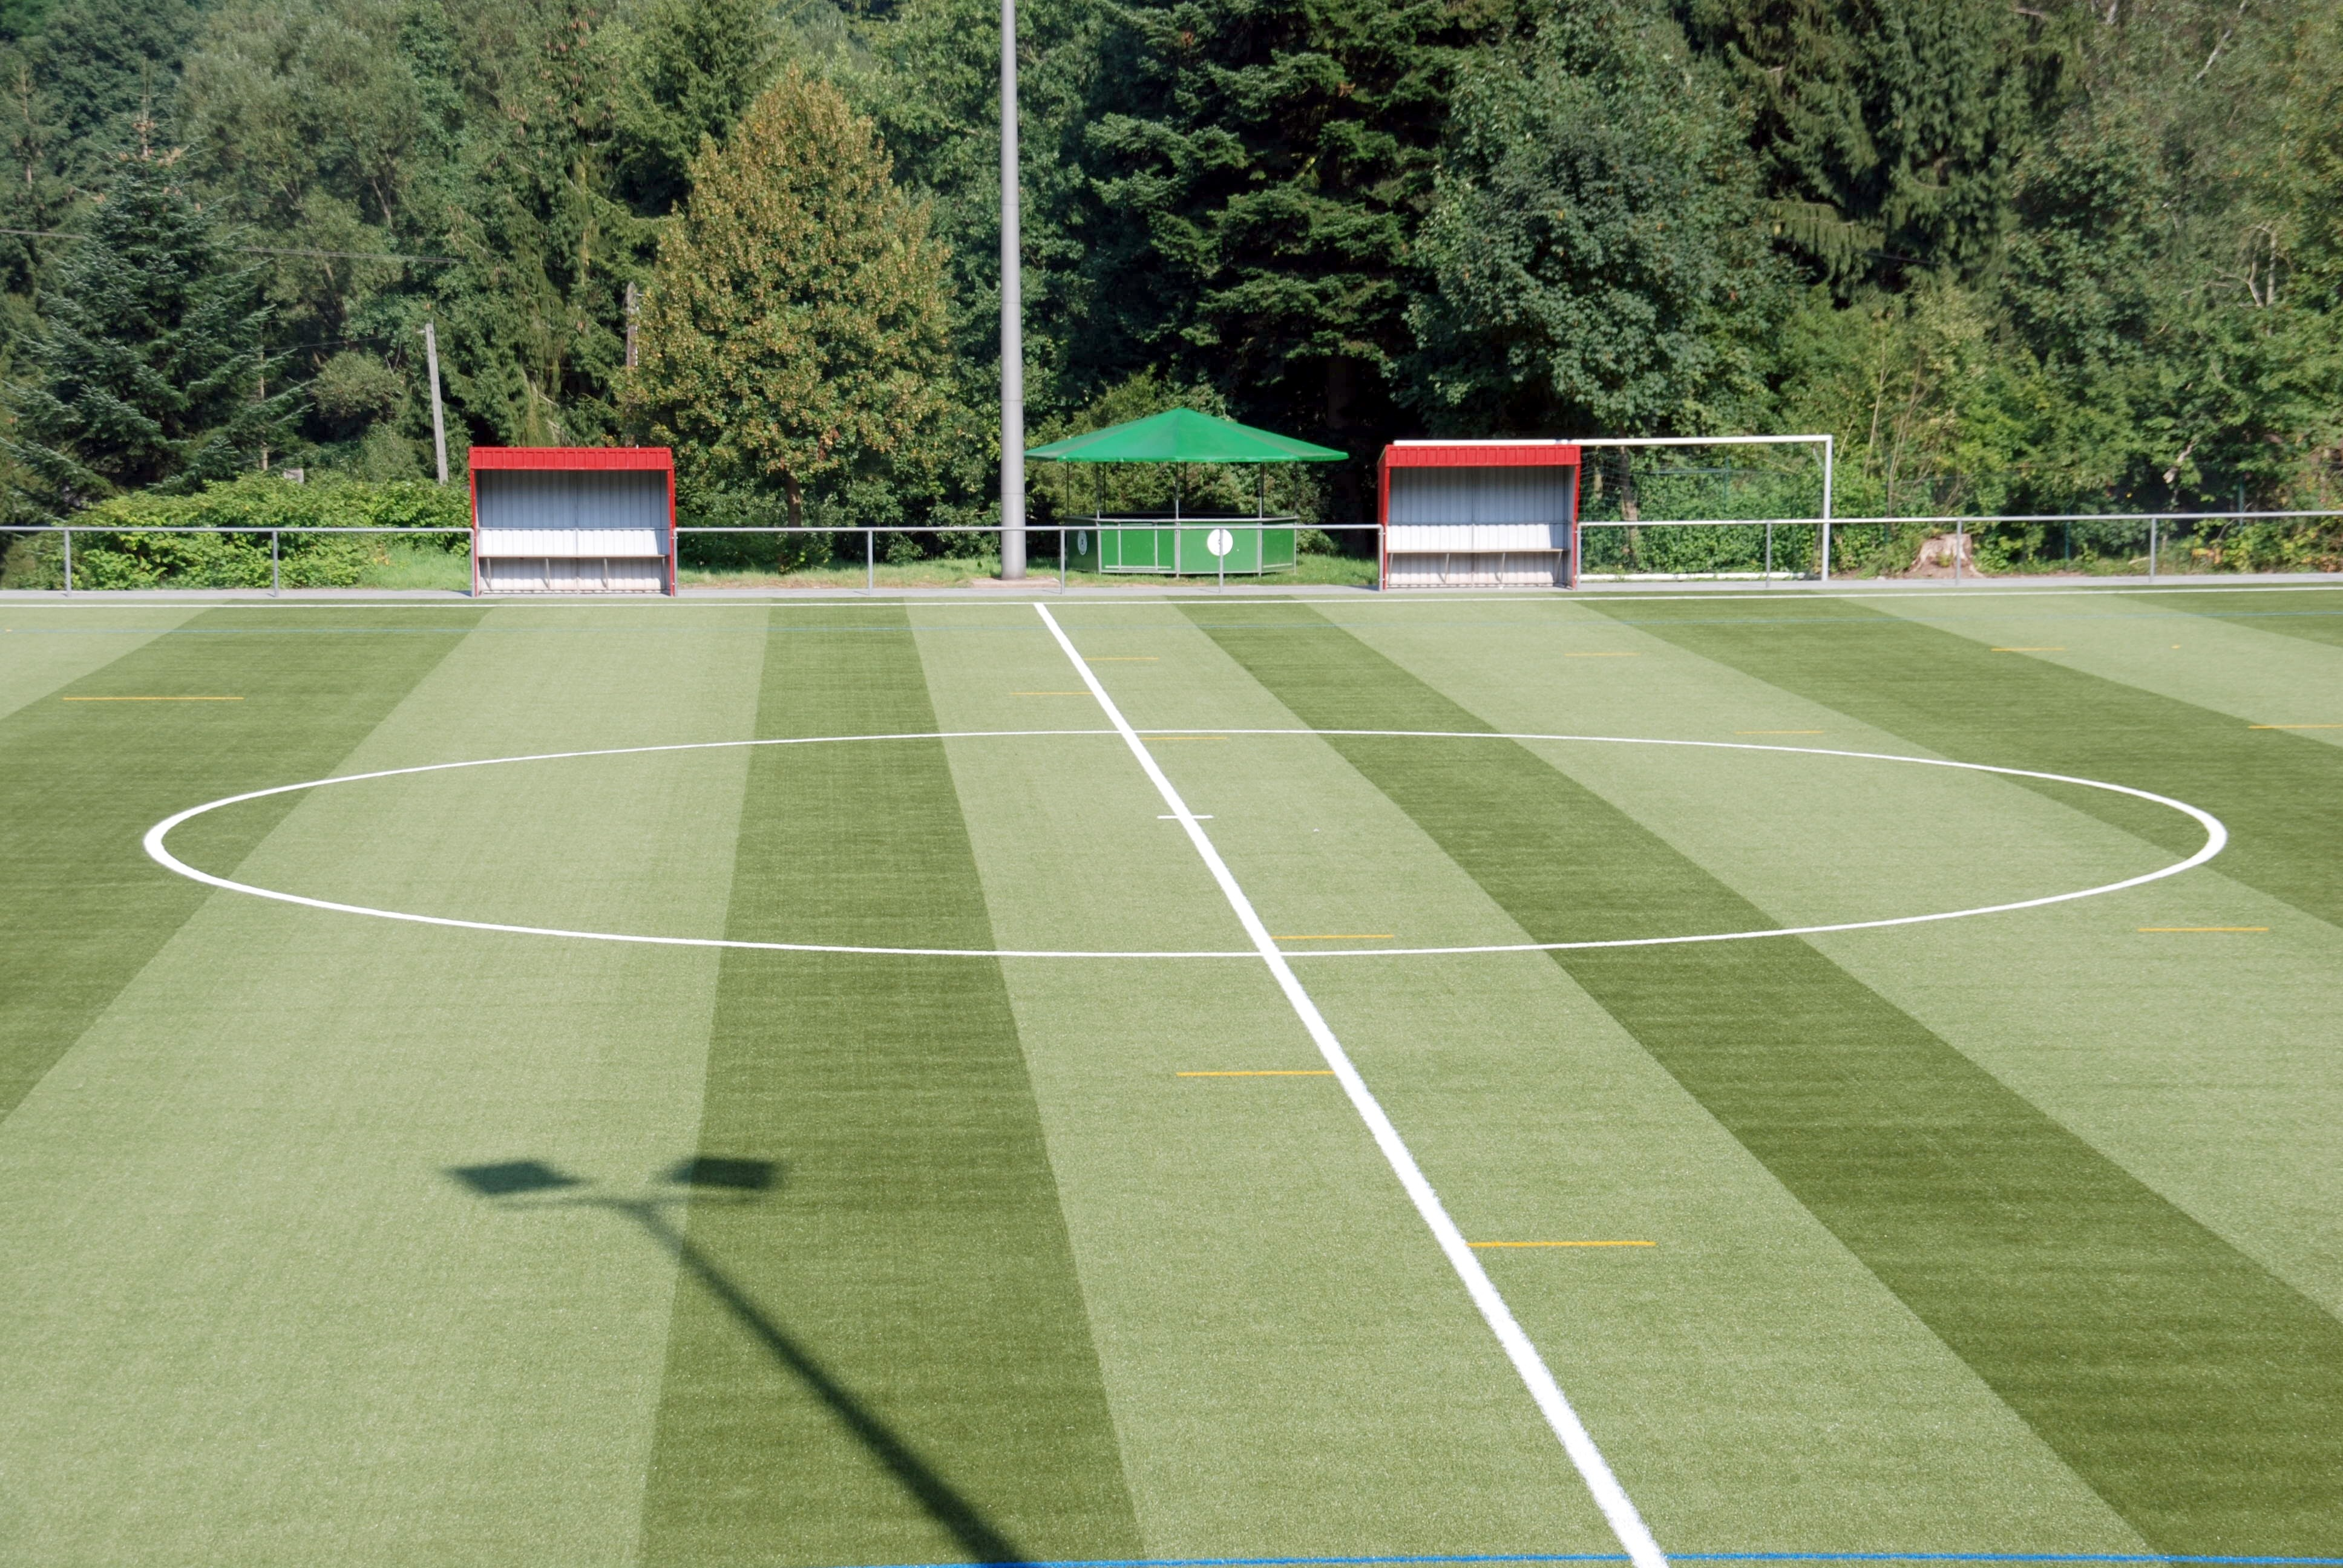 Fussballfeld, Manschaften